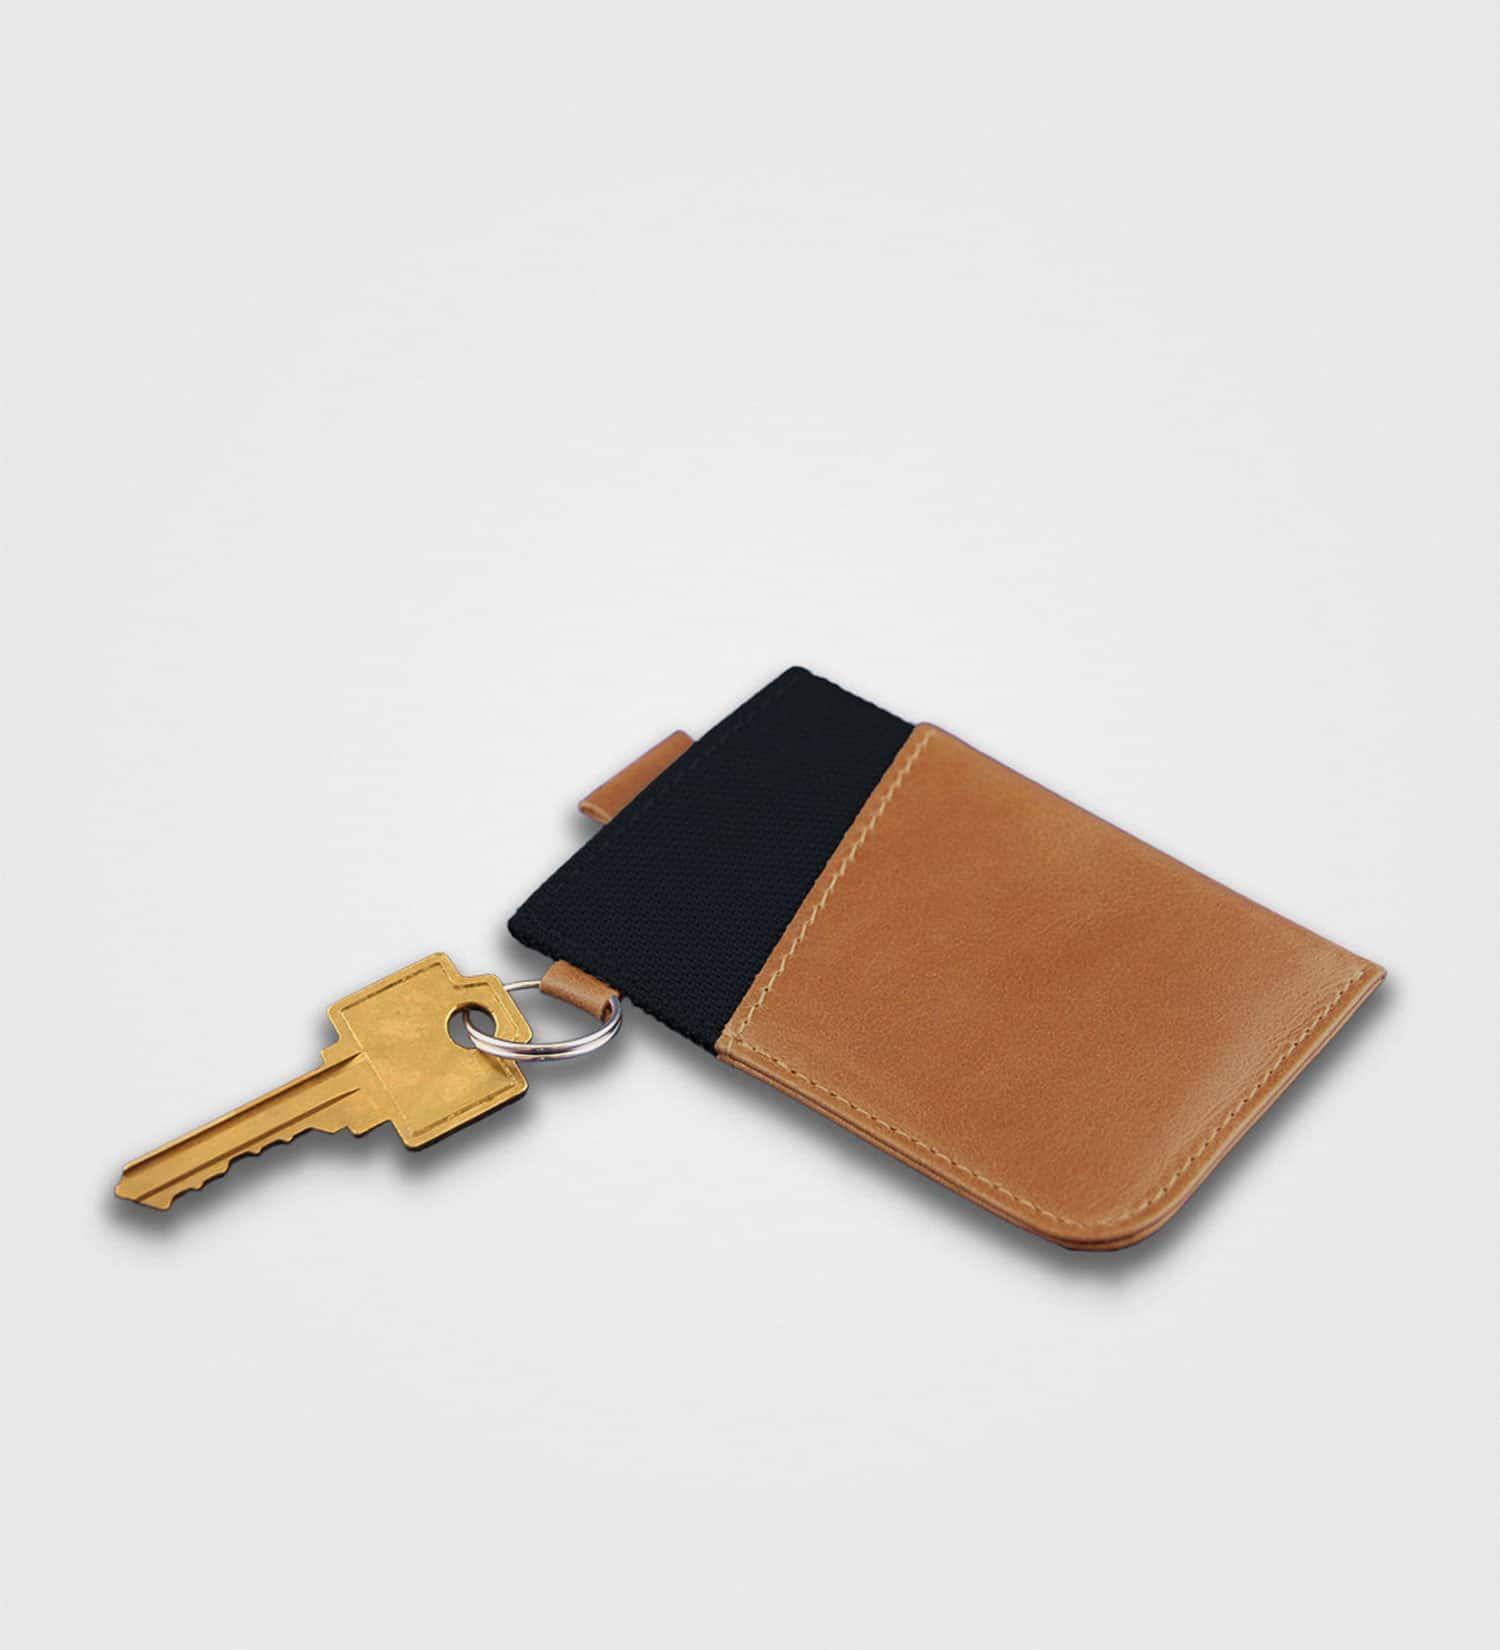 Žepek za kartice wolyt sleeve z obeskom